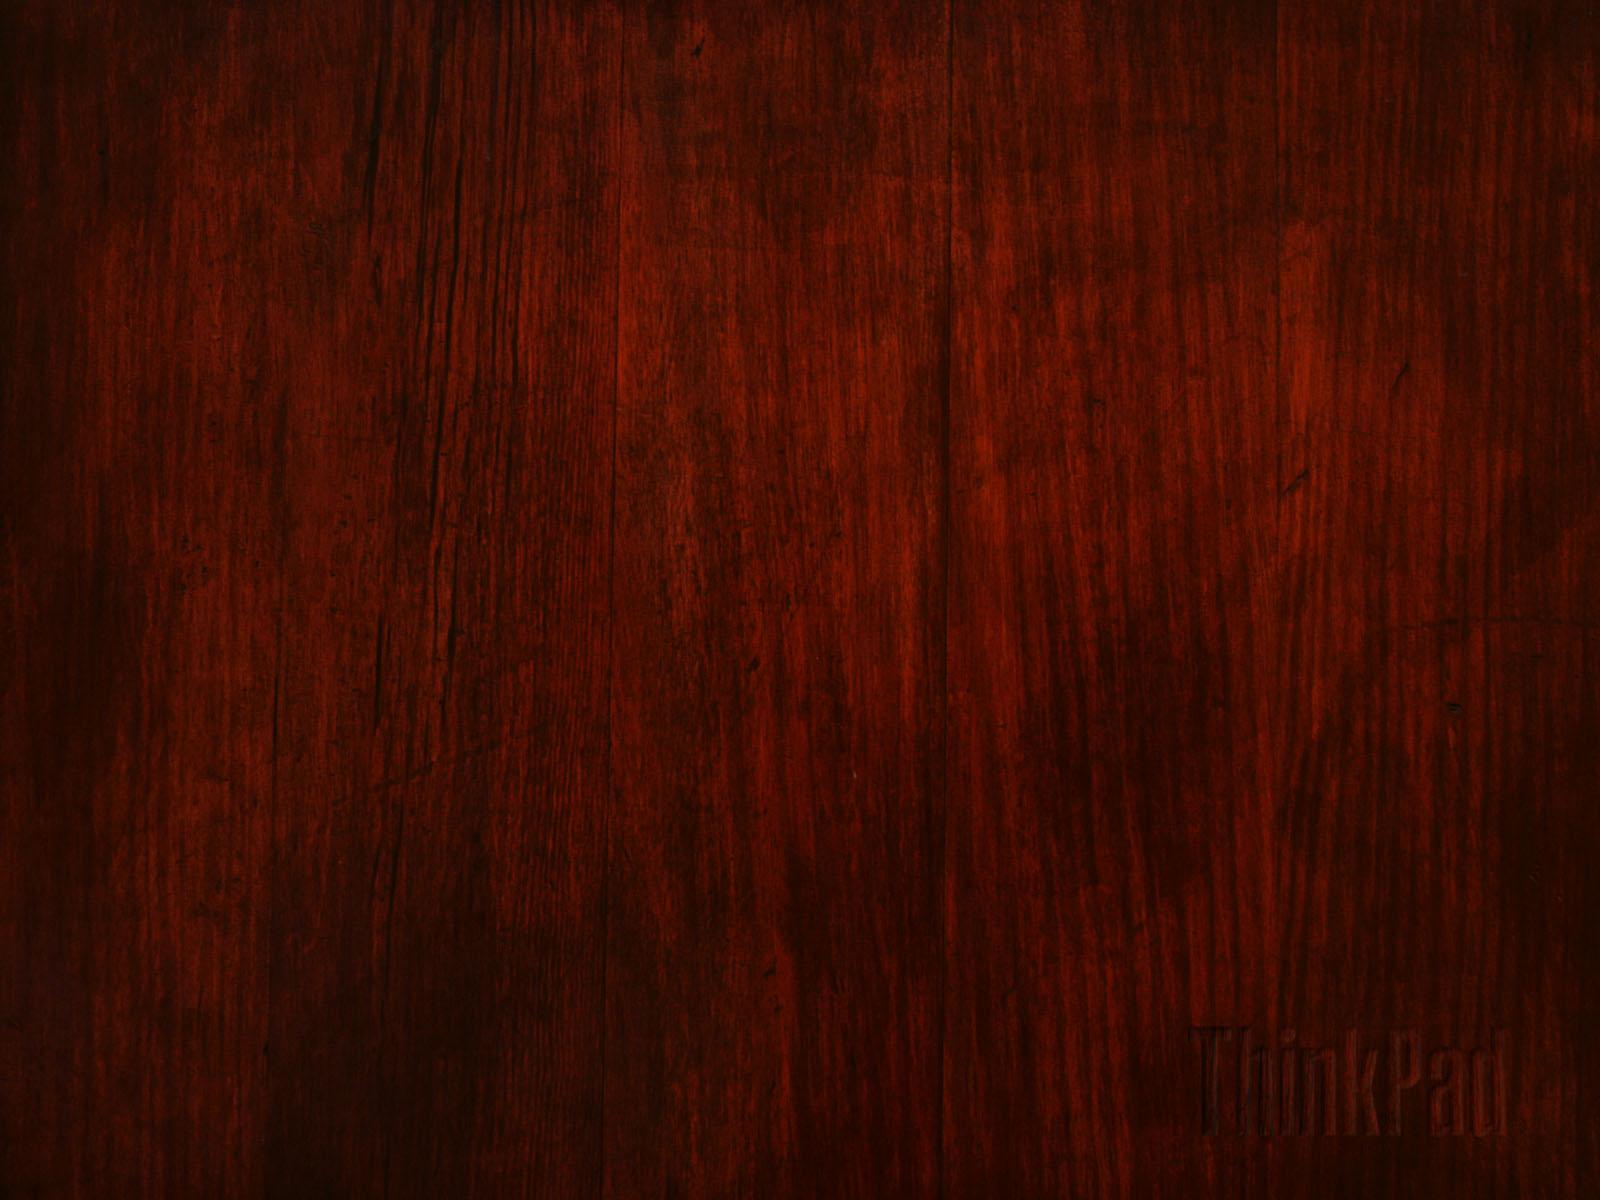 cherry oak wallpaper - photo #17